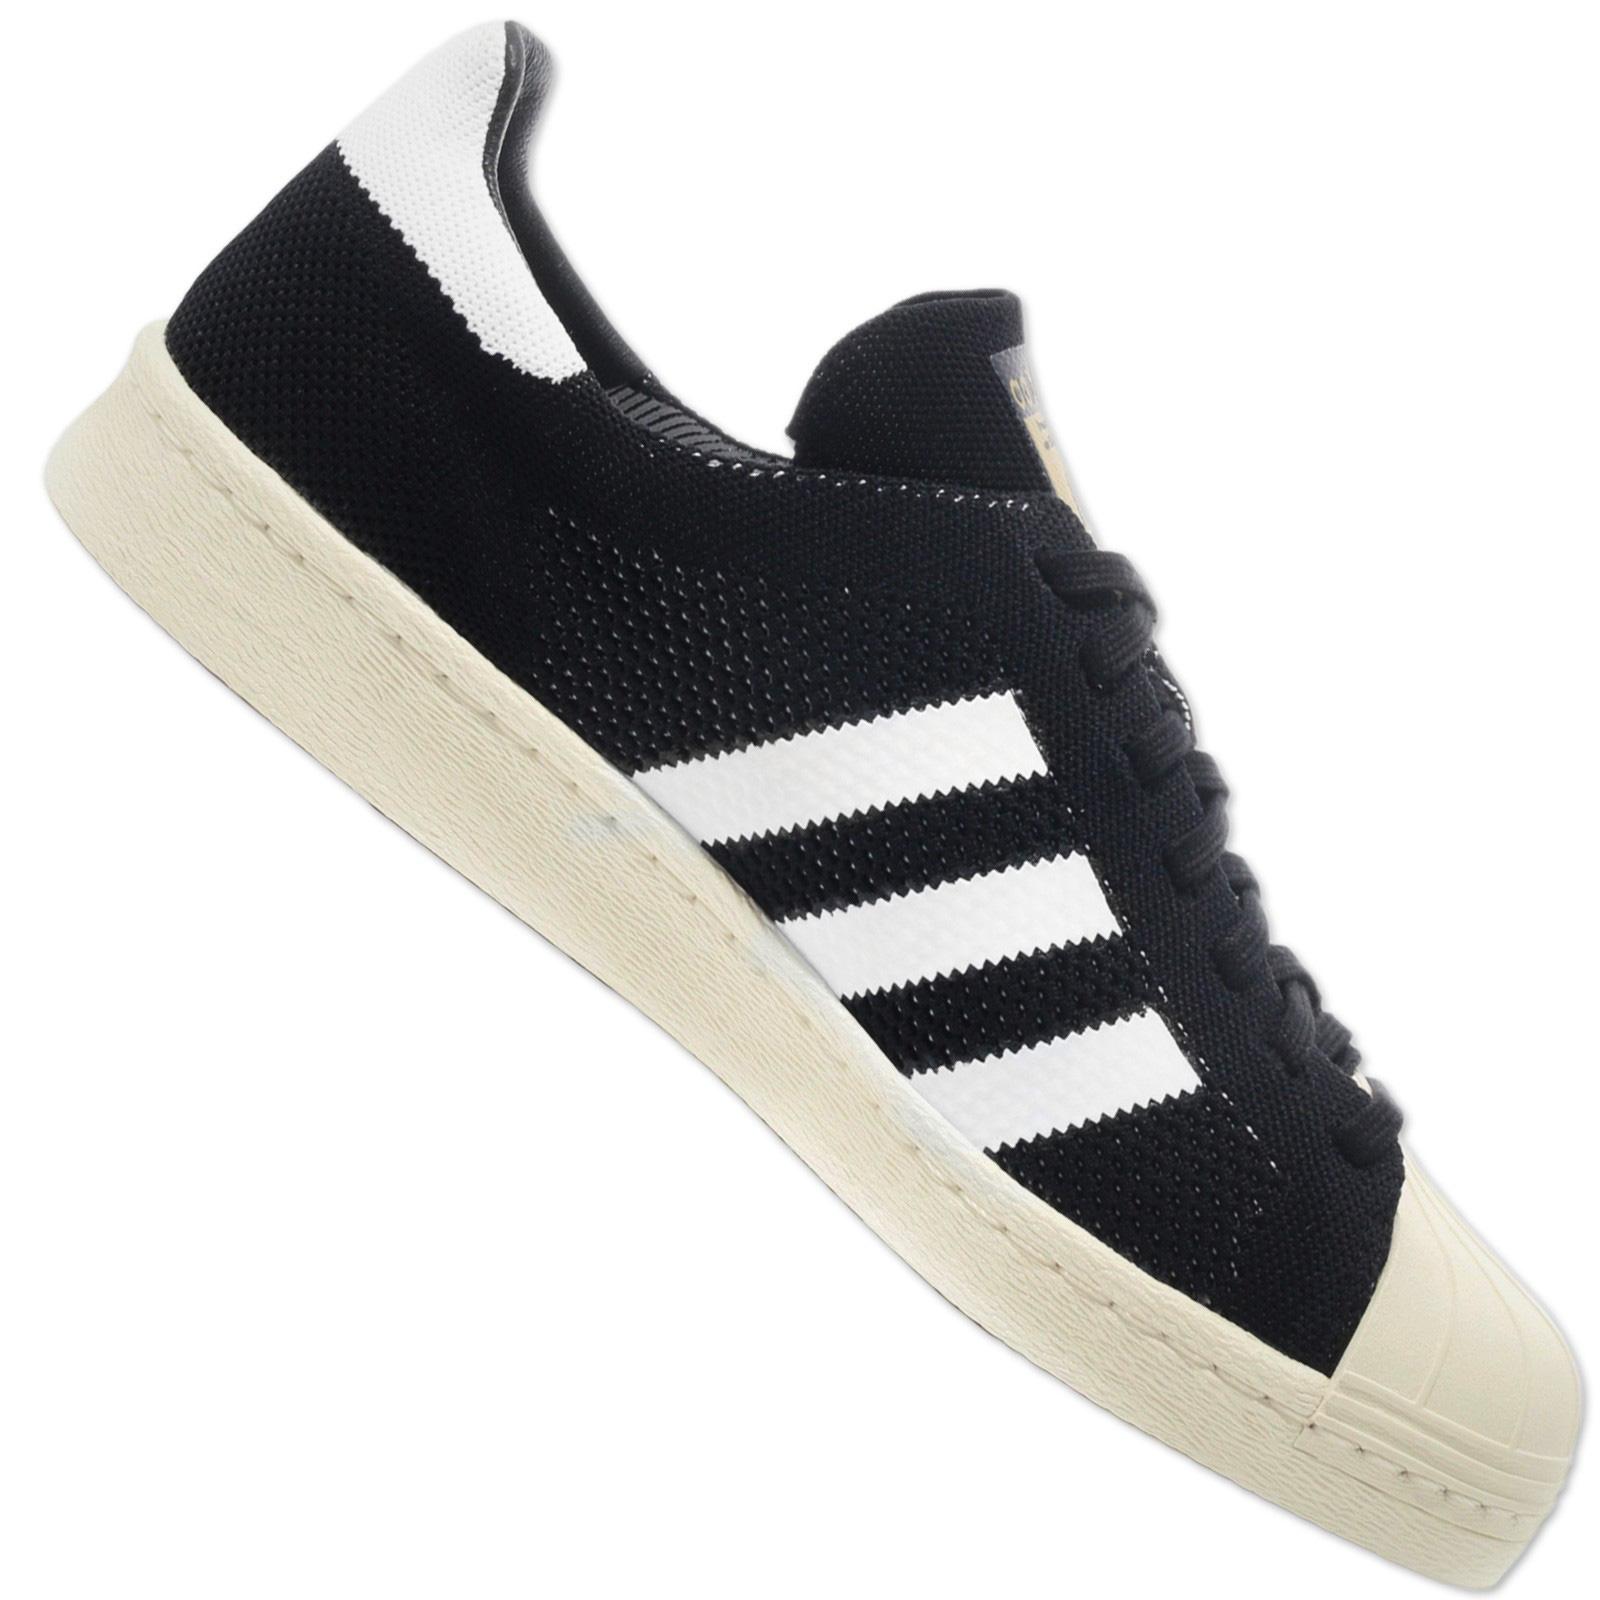 Détails sur Adidas Originals Superstar 80s Prime Primeknit Chaussures Baskets S82780 Noir